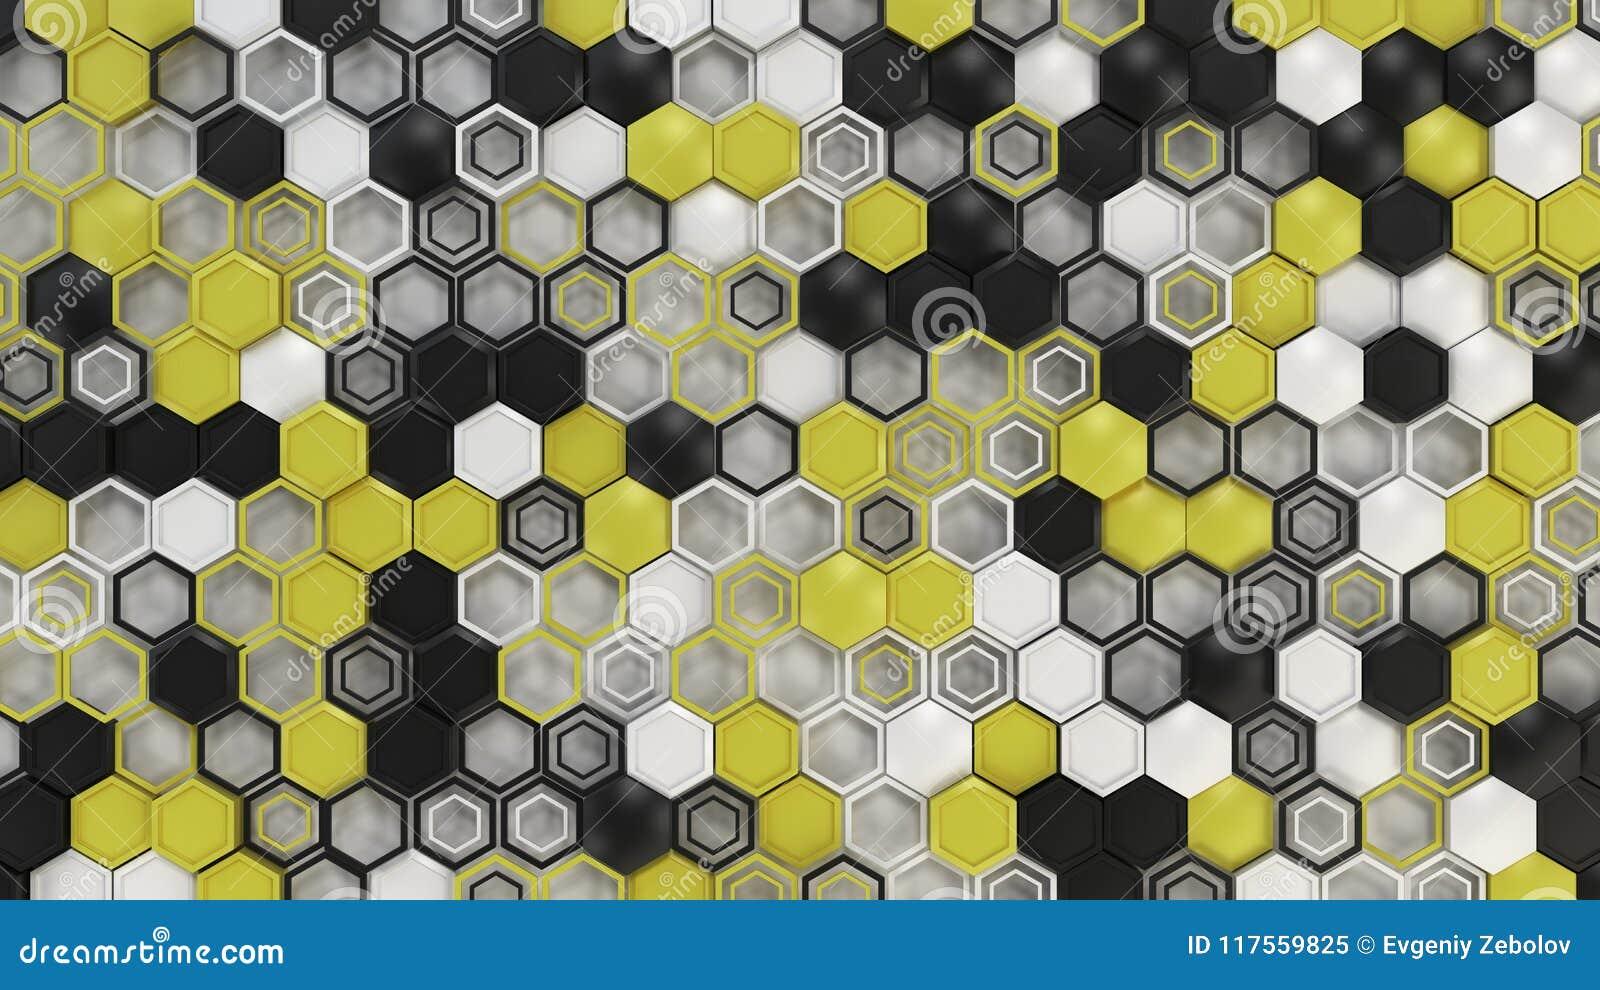 Abstrakcjonistyczny 3d tło robić czarni, biali i żółci sześciokąty, na białym tle